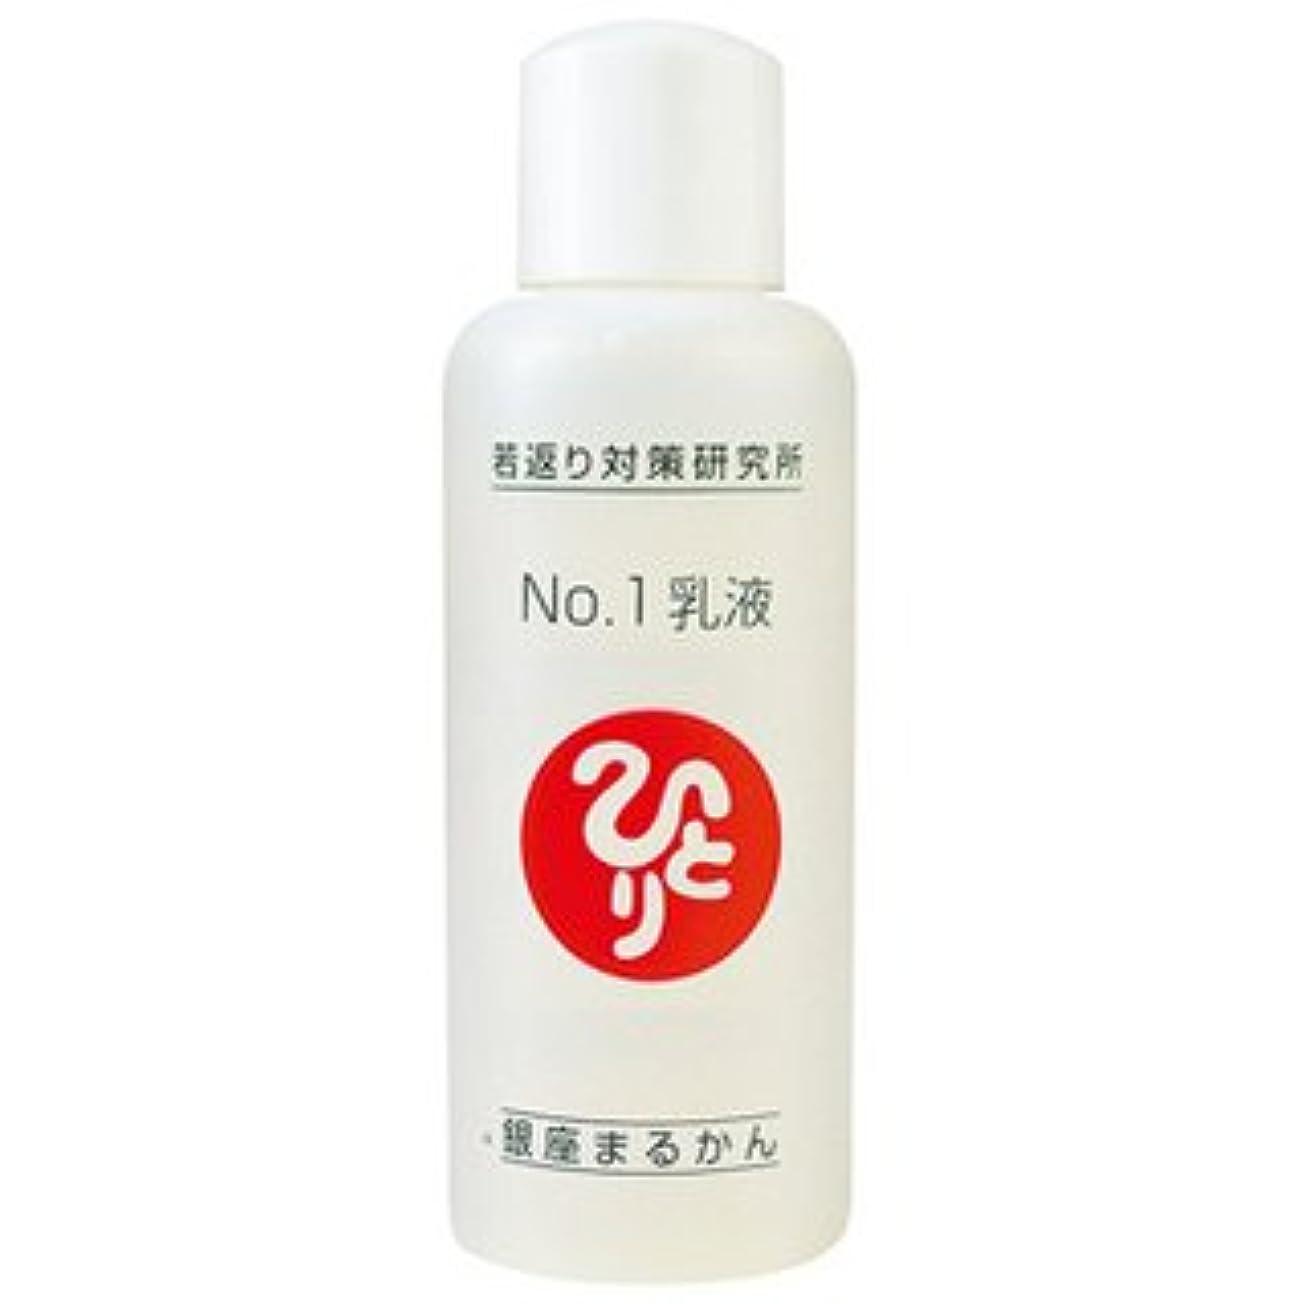 銀座まるかん No.1乳液